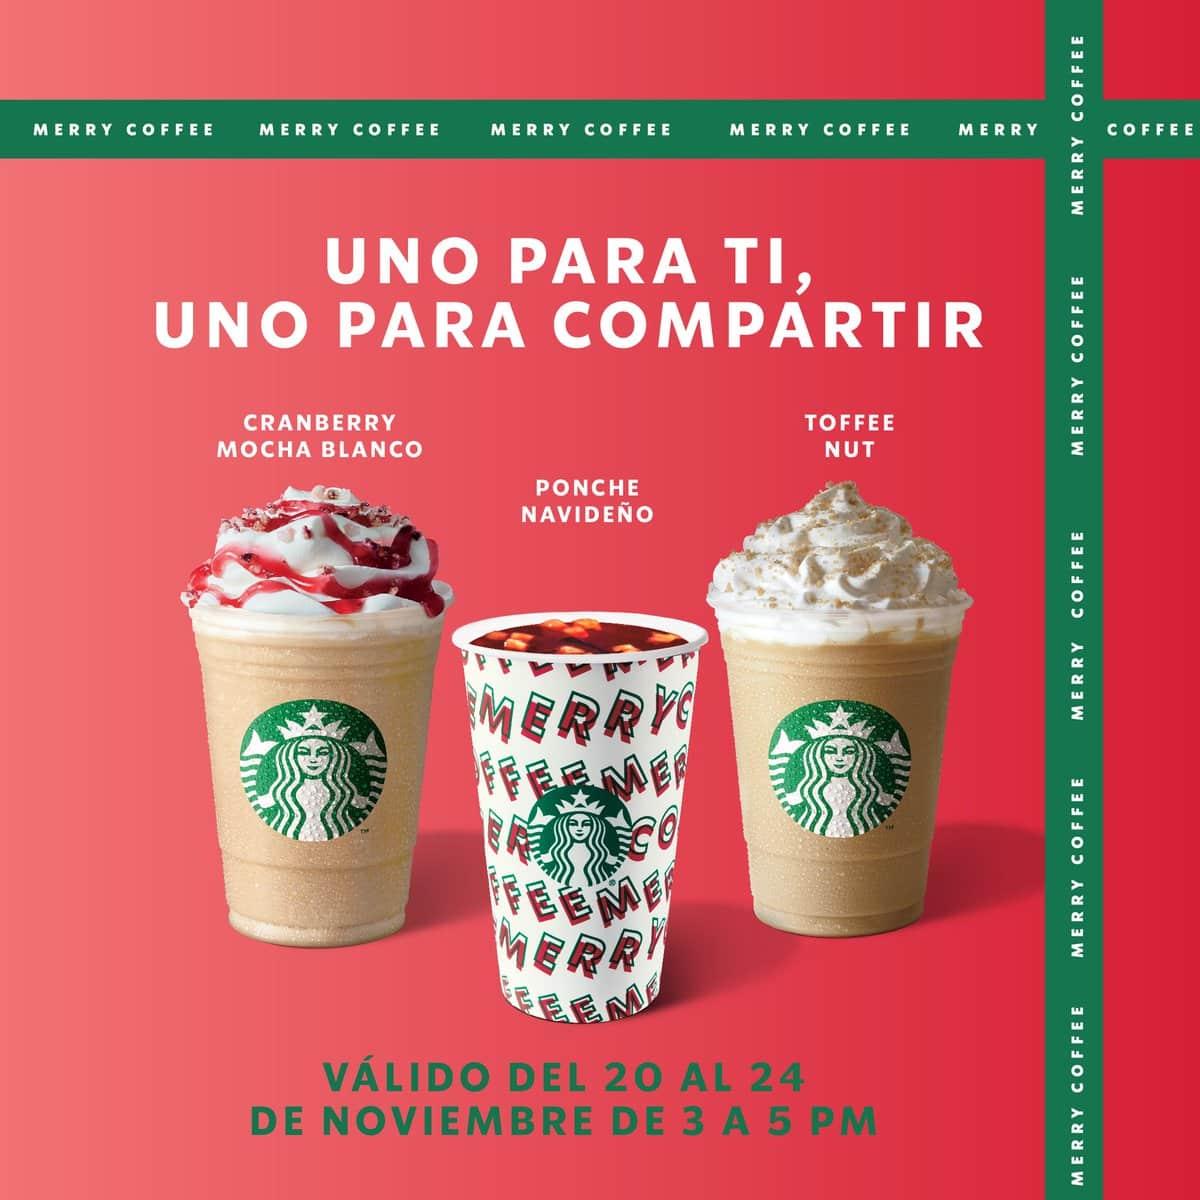 """Starbucks México on Twitter: """"Recárgate de buenos deseos con una bebida de  temporada (pst, nosotros te invitamos la segunda 😁). Del 20 al 24 de  noviembre de 3 a 5 p. m.… https://t.co/hB3ziwEuDp"""""""